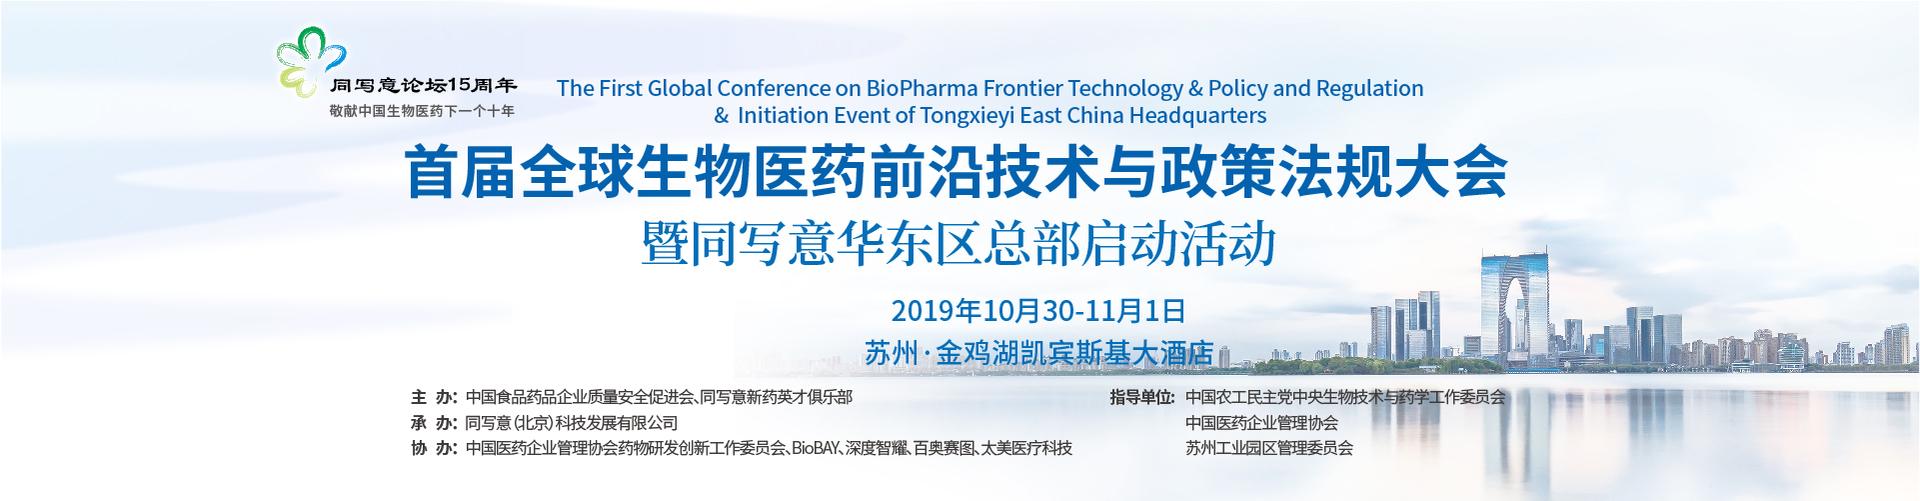 同写意论坛第100期活动-首届全球生物医药前沿技术与政策法规大会